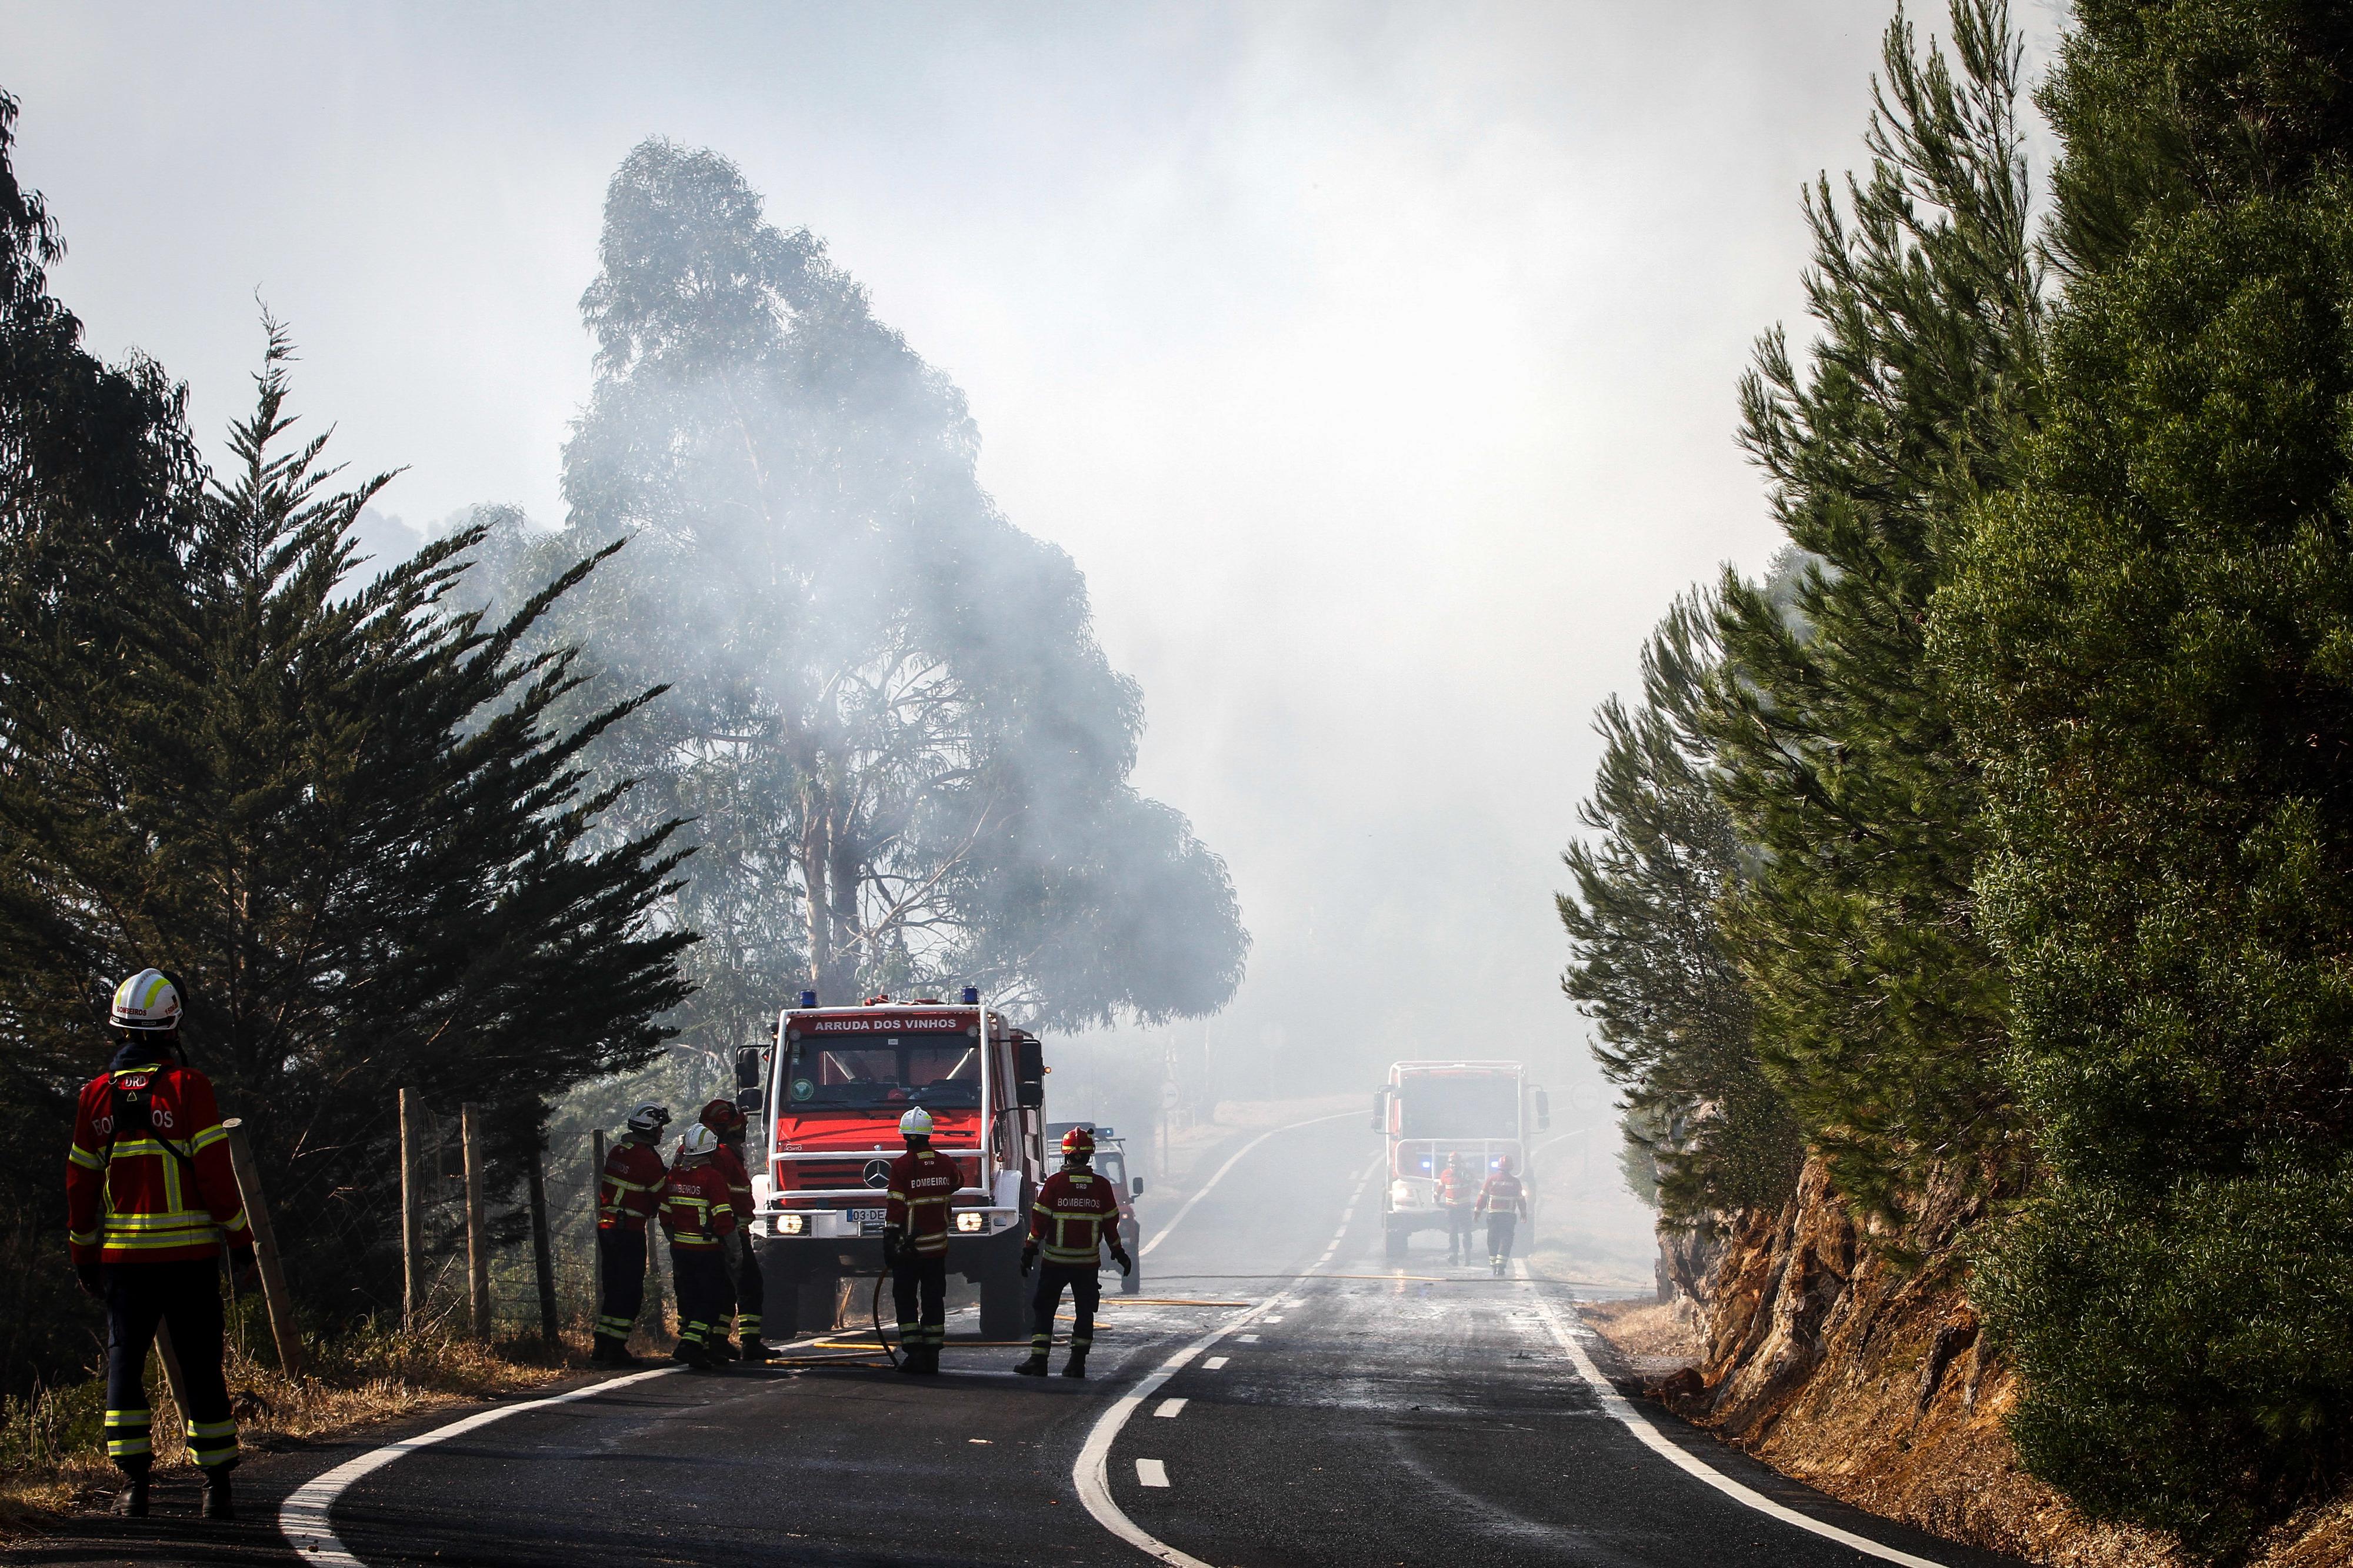 Incêndios: Governo prevê investir 103 milhões de euros na prevenção durante este ano